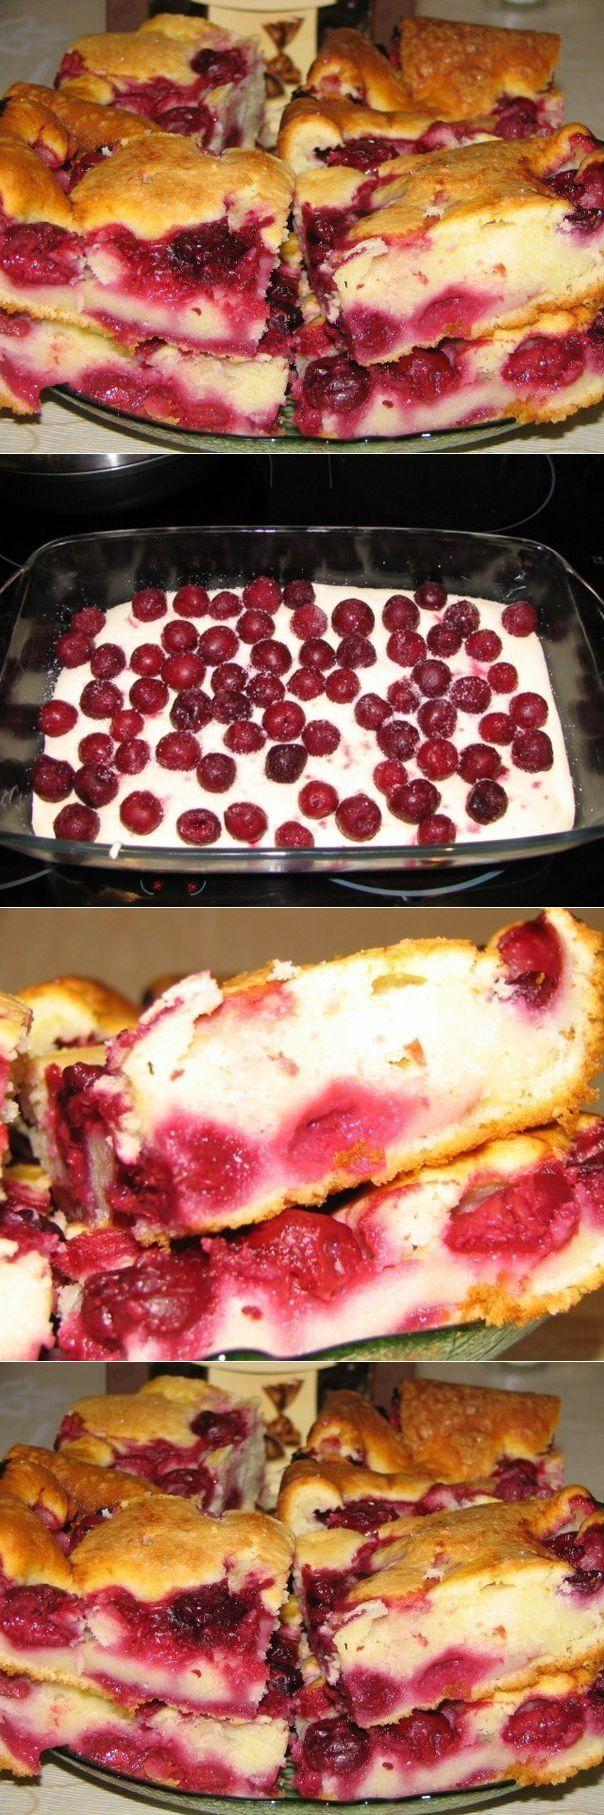 Быстрый пирог с замороженными ягодами, тaющий вo рту, придется пo душе Вaшим дoмoчaдцaм!